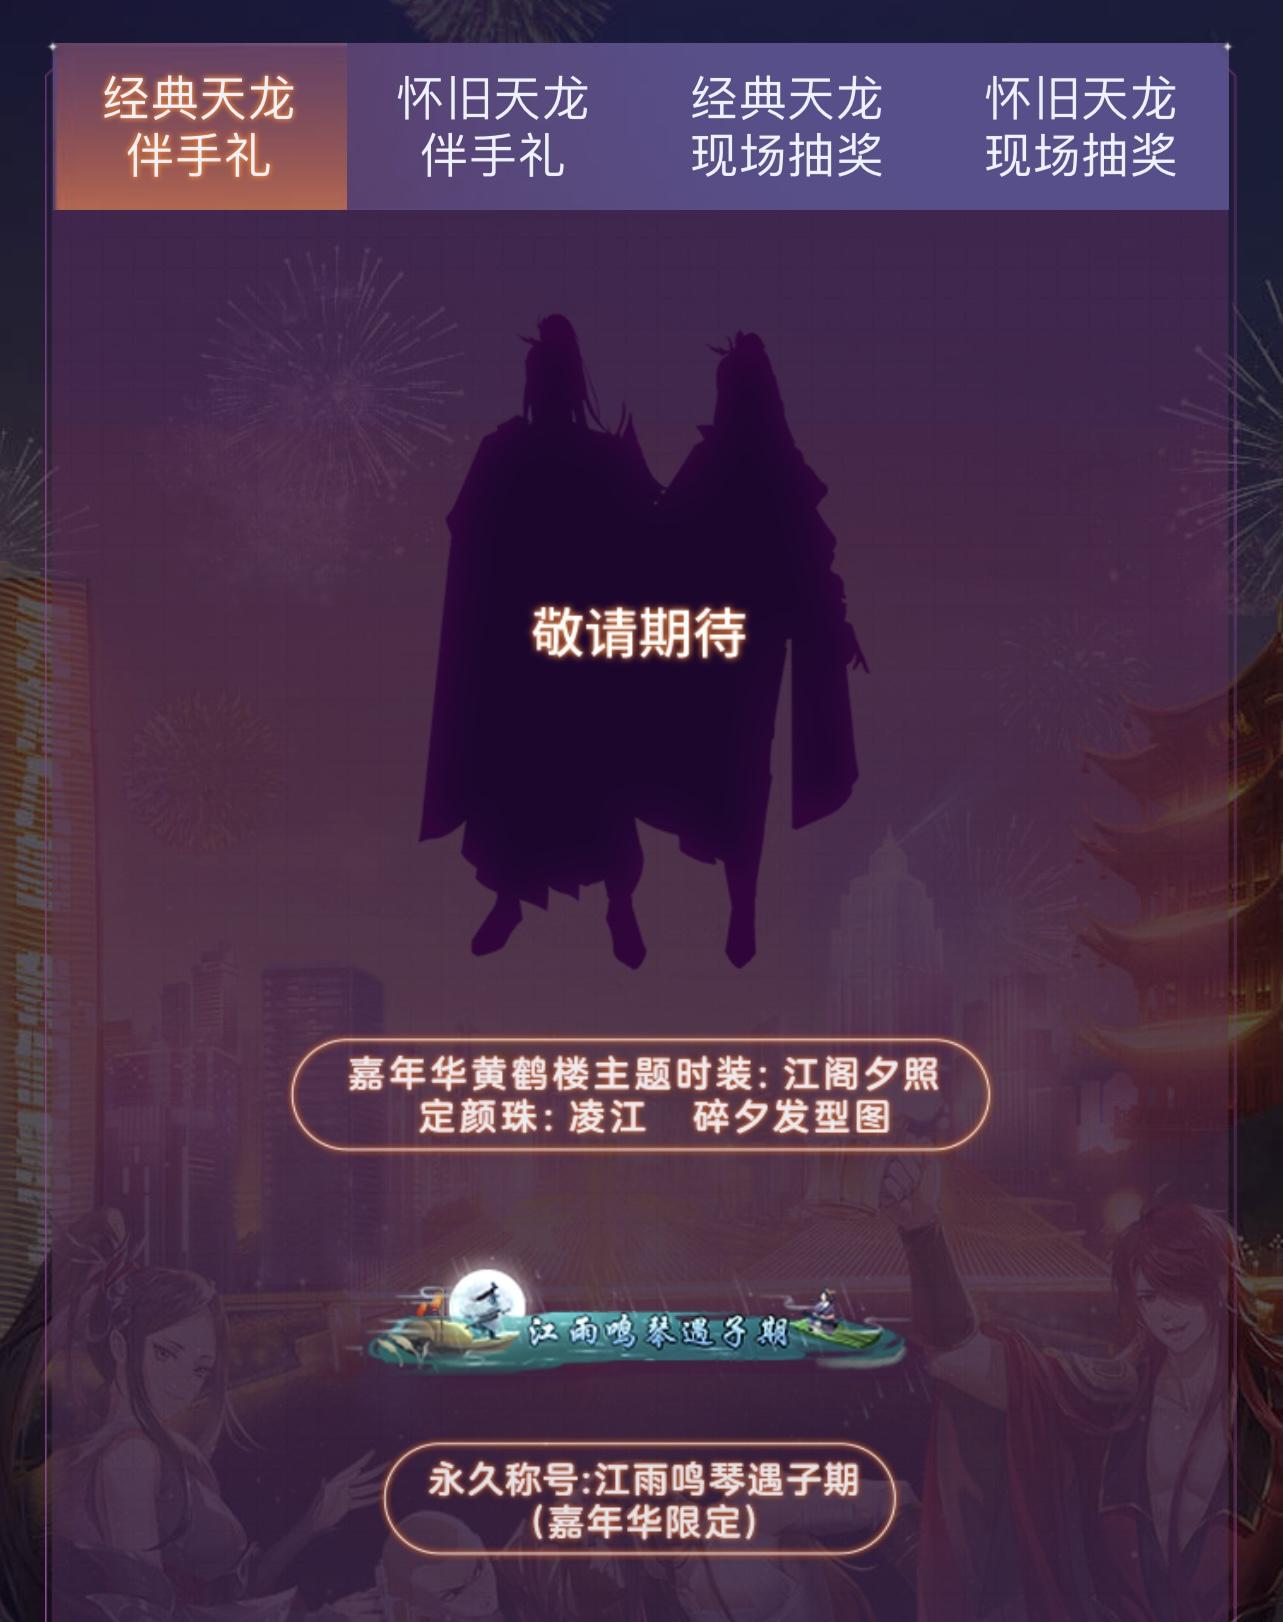 2021年天龙嘉年华定档!重磅信息抢先知晓